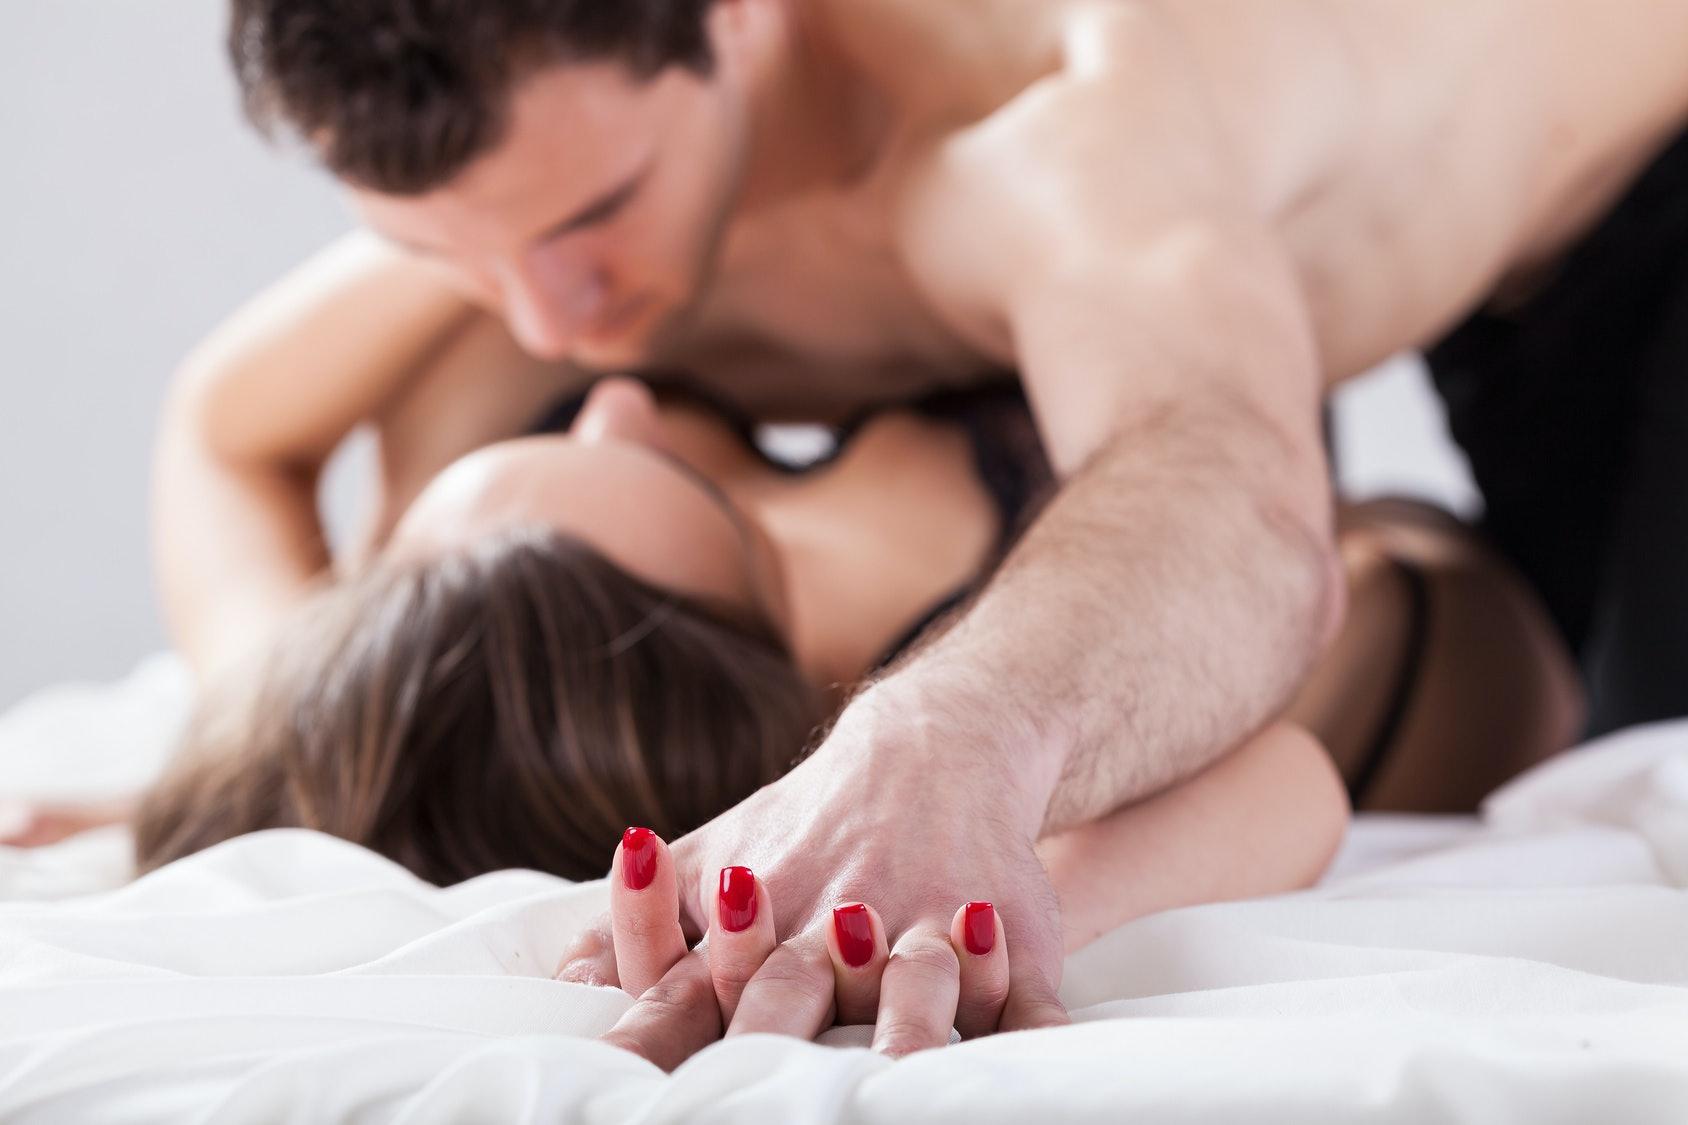 Real hidden cam sex massage